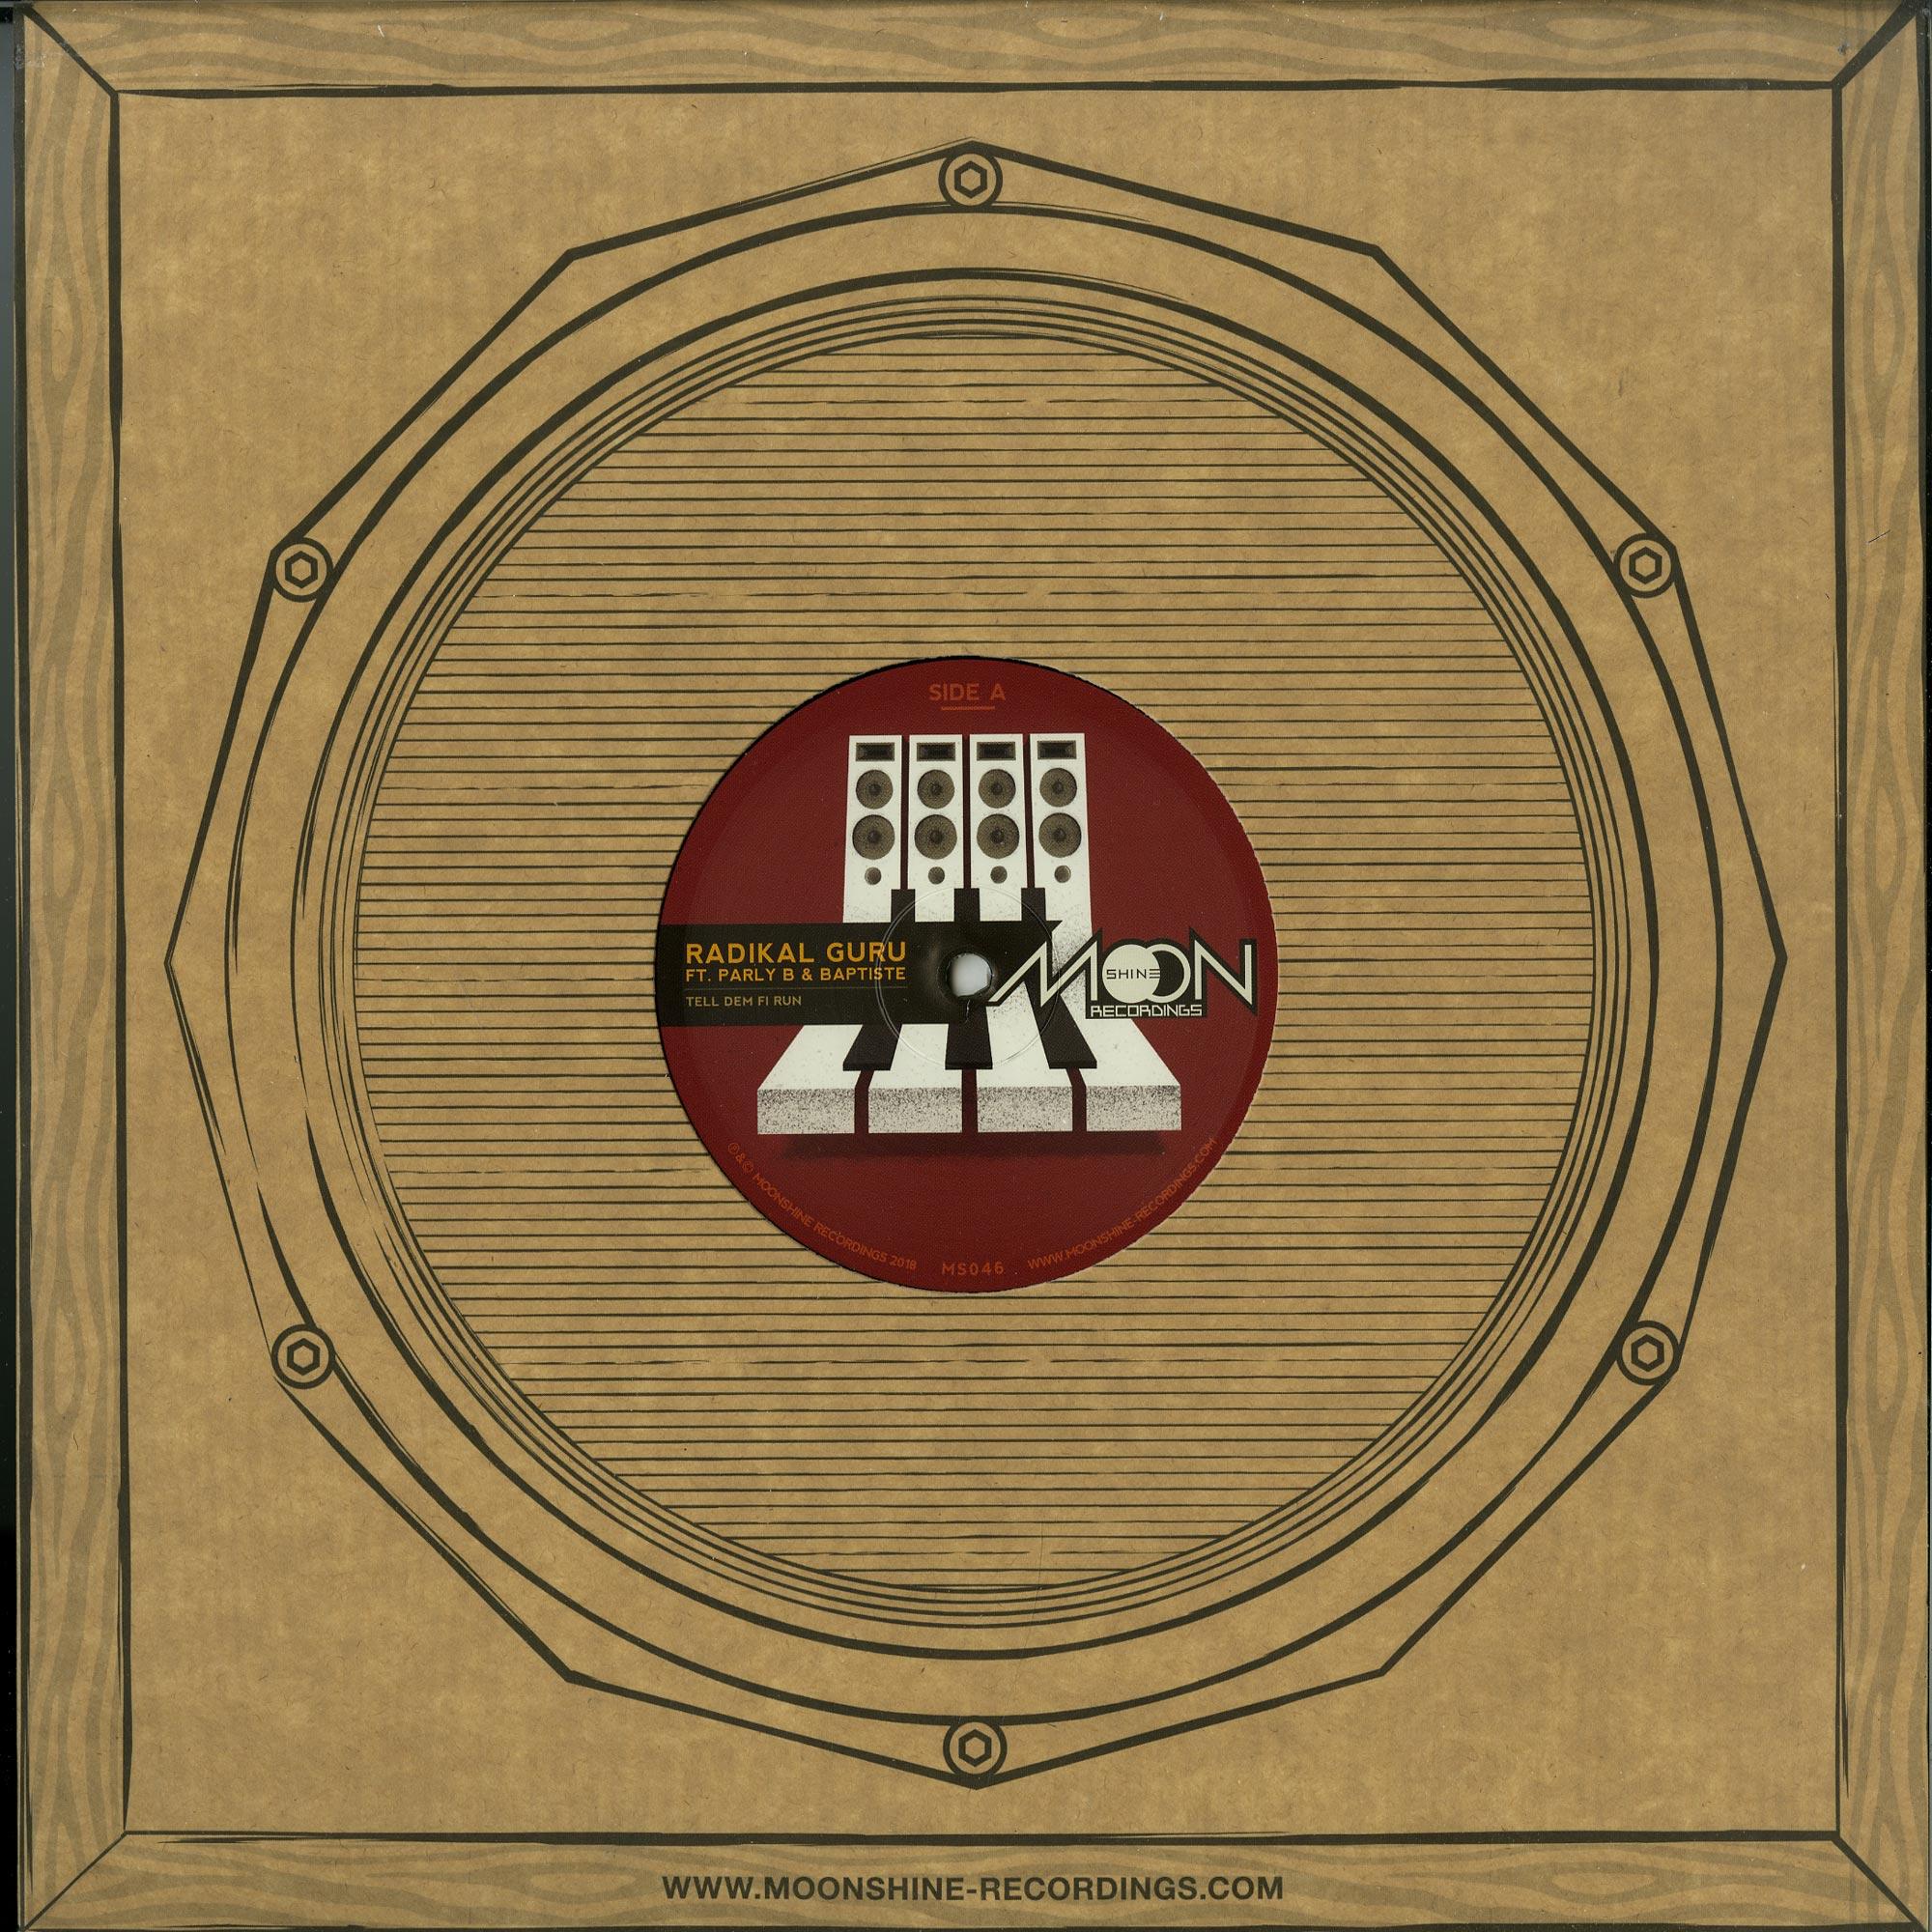 Radikal Guru ft. Parly B & Baptiste - TELL THEM FI RUN